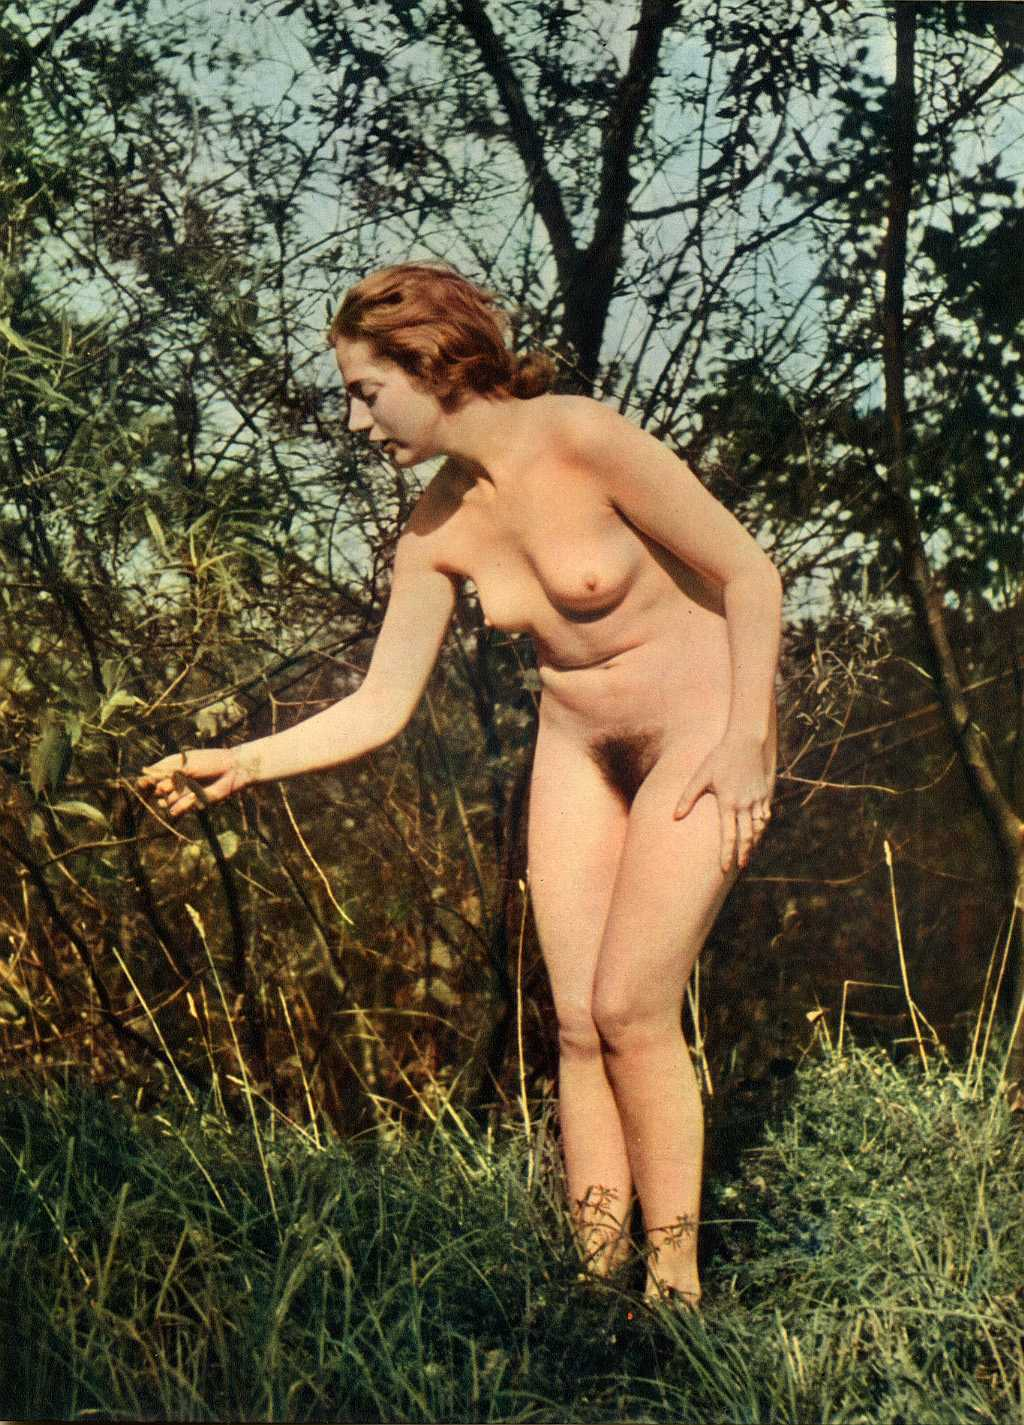 Эротическое фото времен третьего рейха 20 фотография